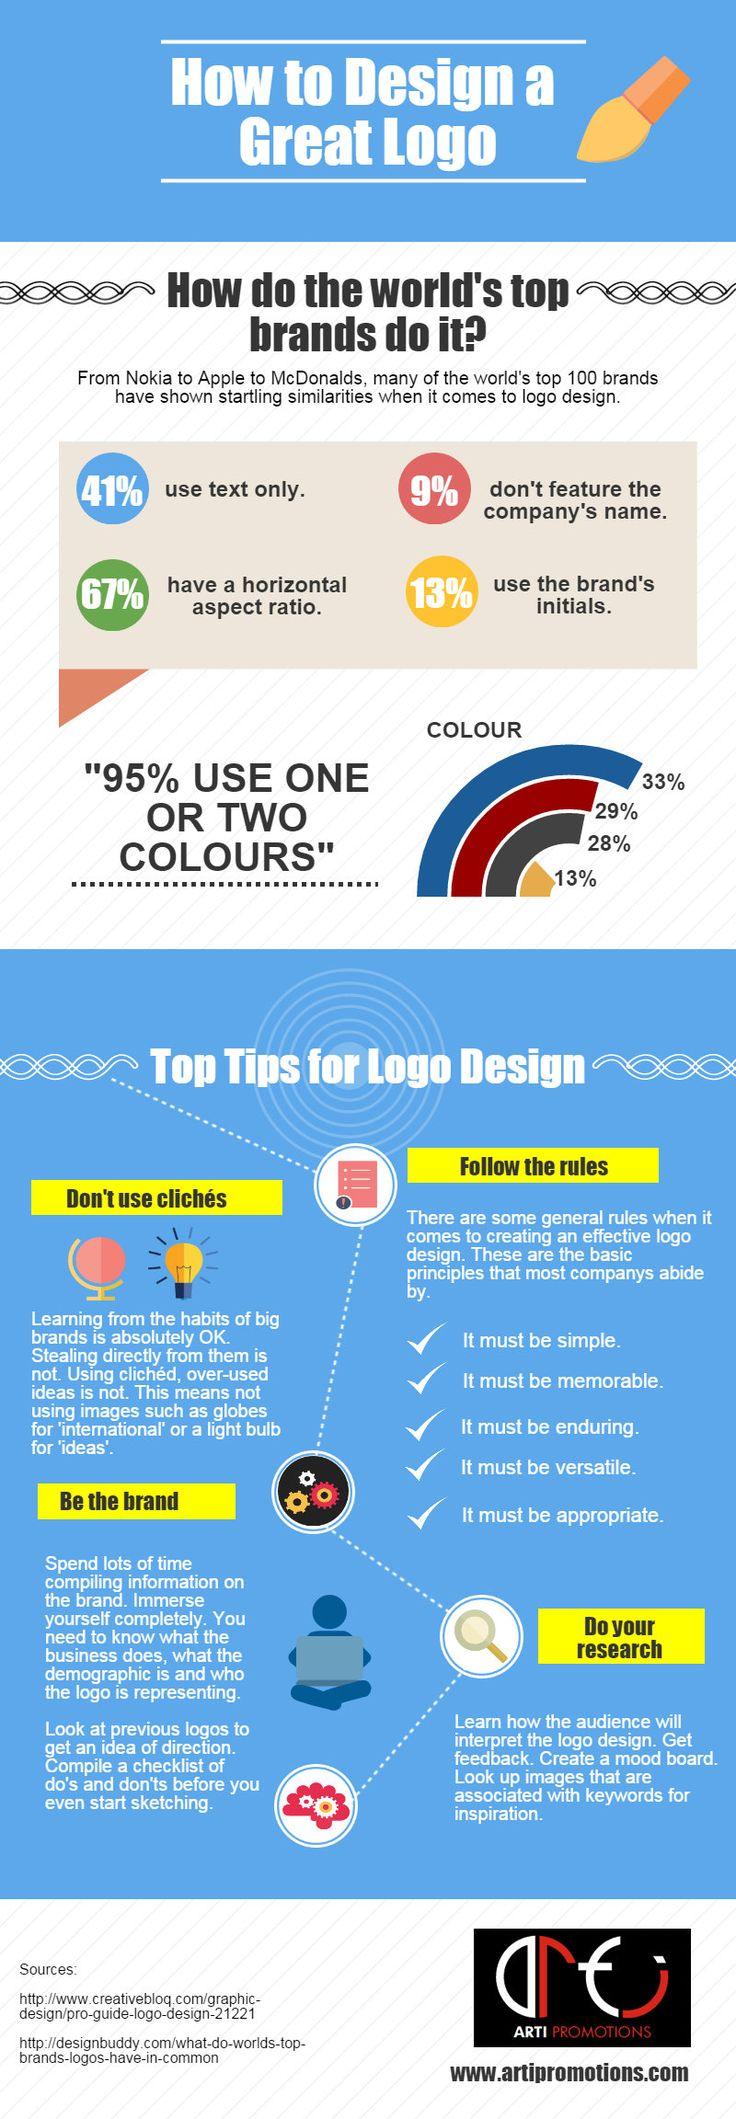 Quelques conseils précieux pour réaliser le logo parfait